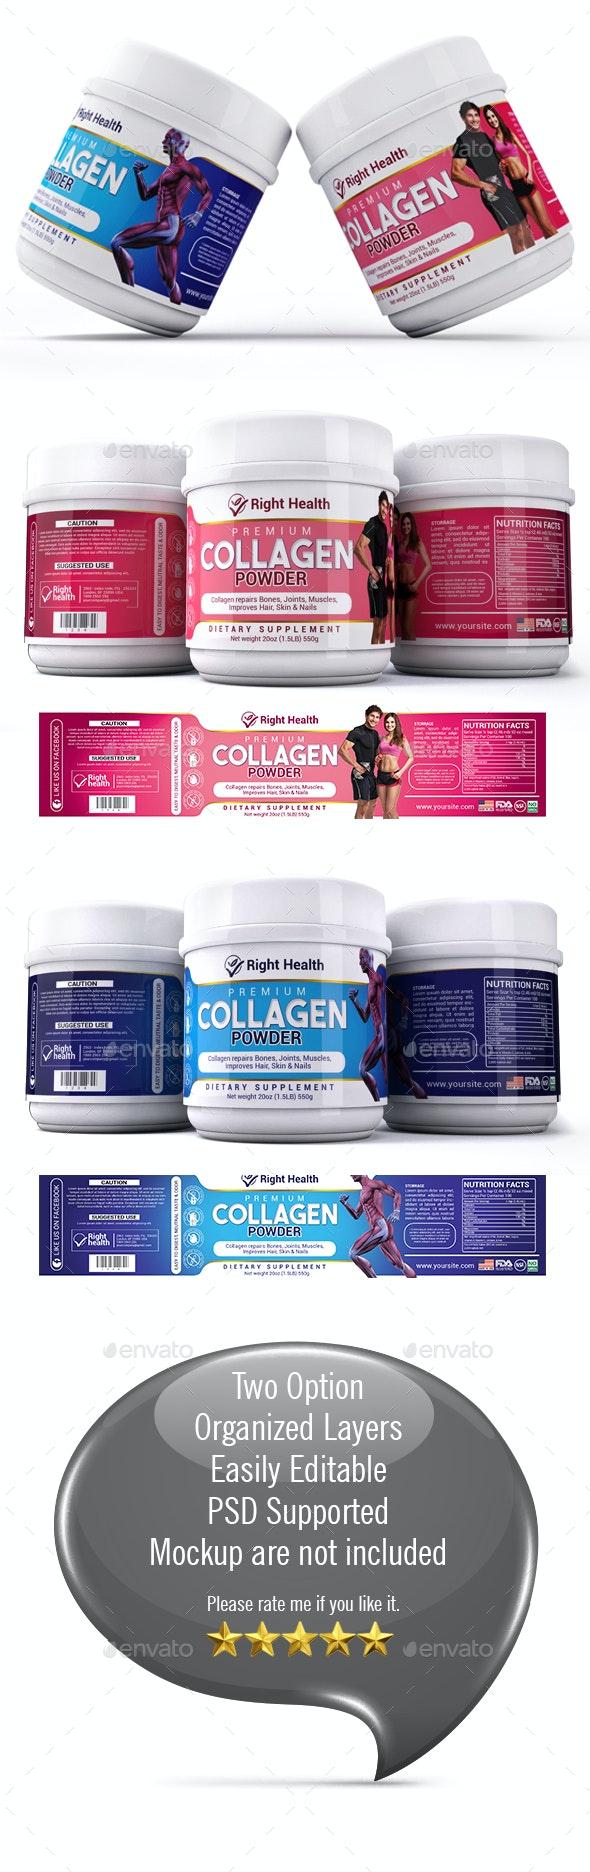 Collagen Powder Supplement